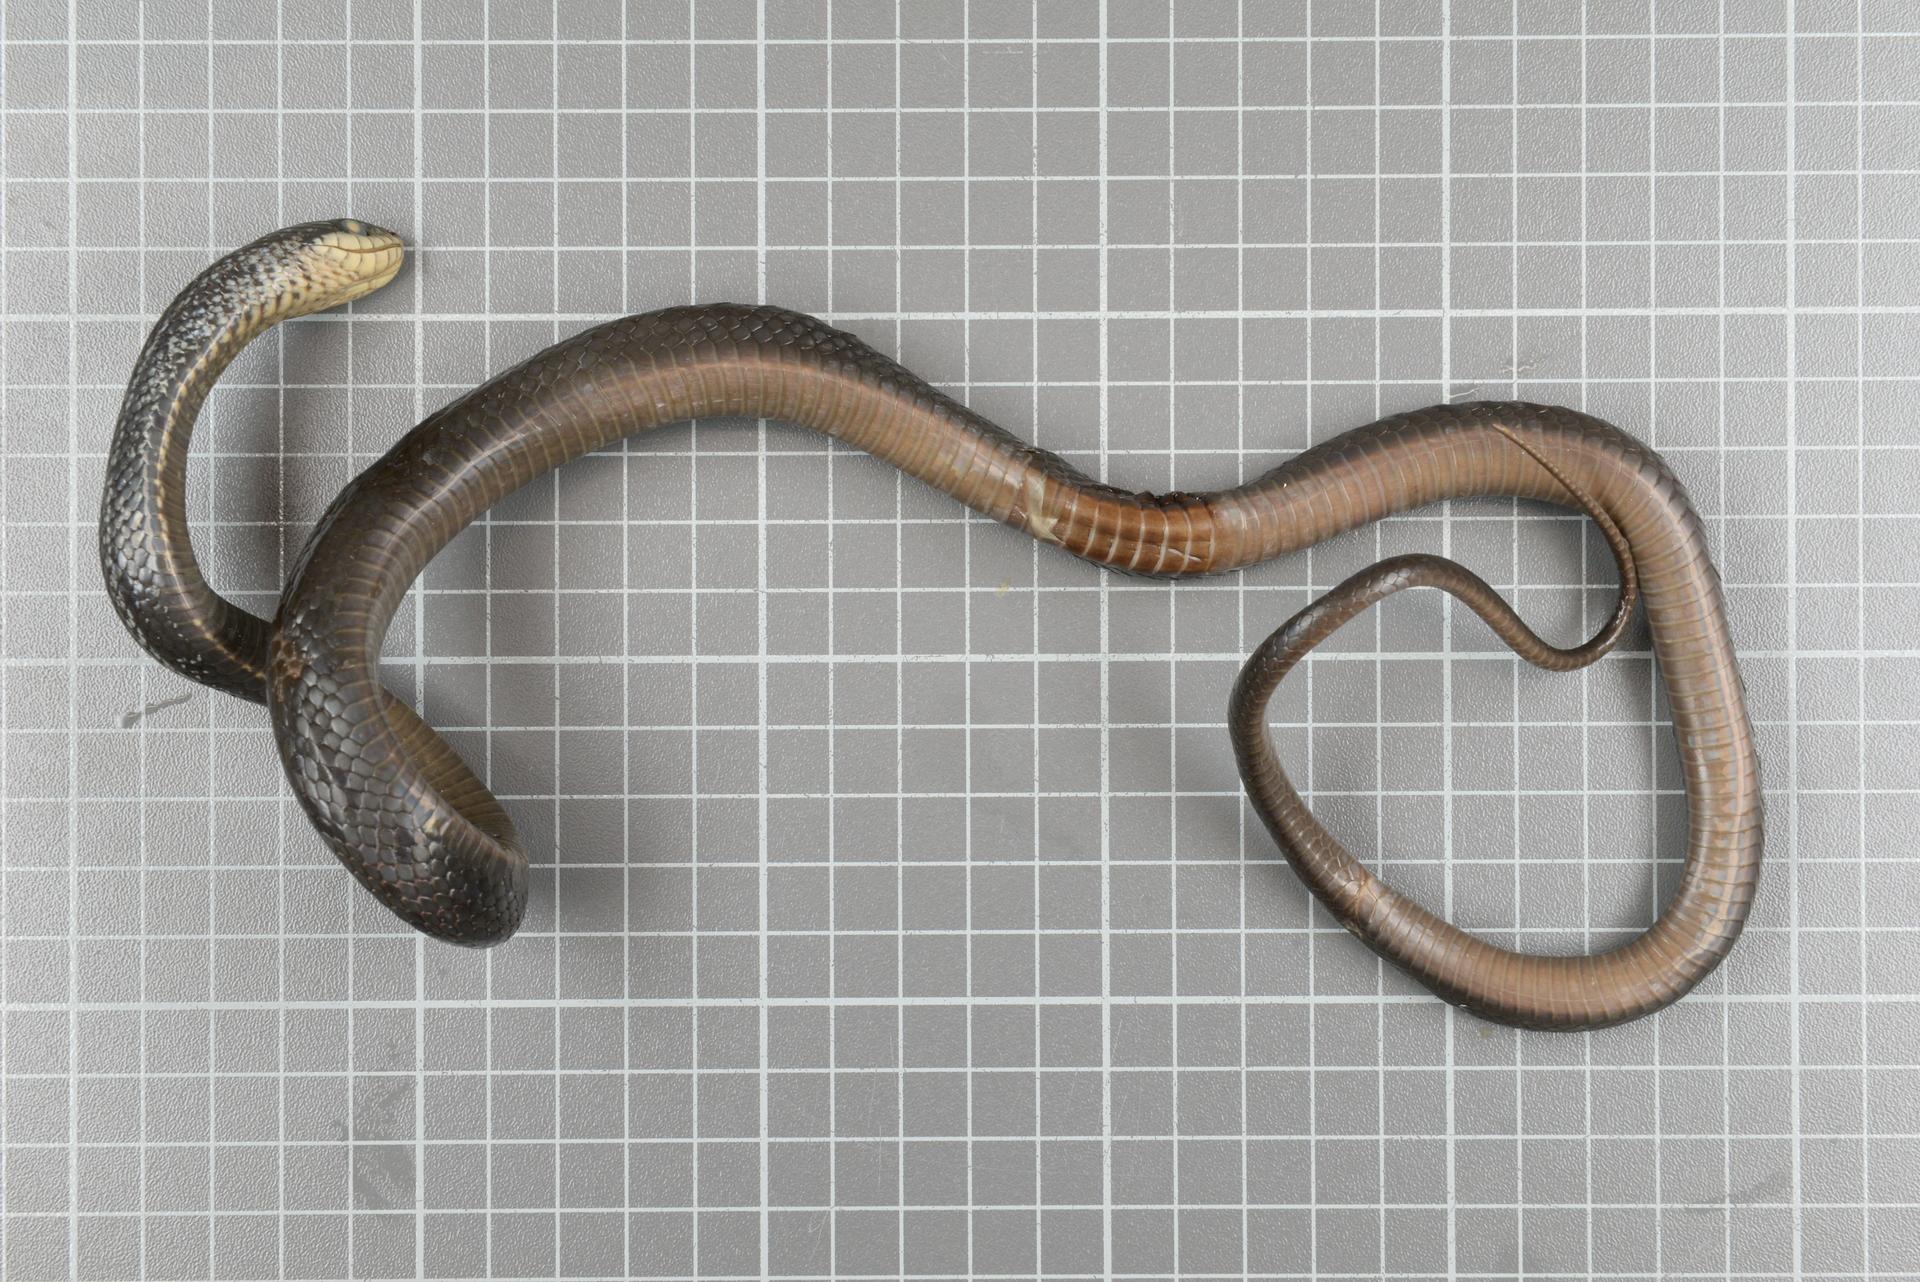 RMNH.RENA.394   Elaphe quadrivirgata (Boie, 1826)